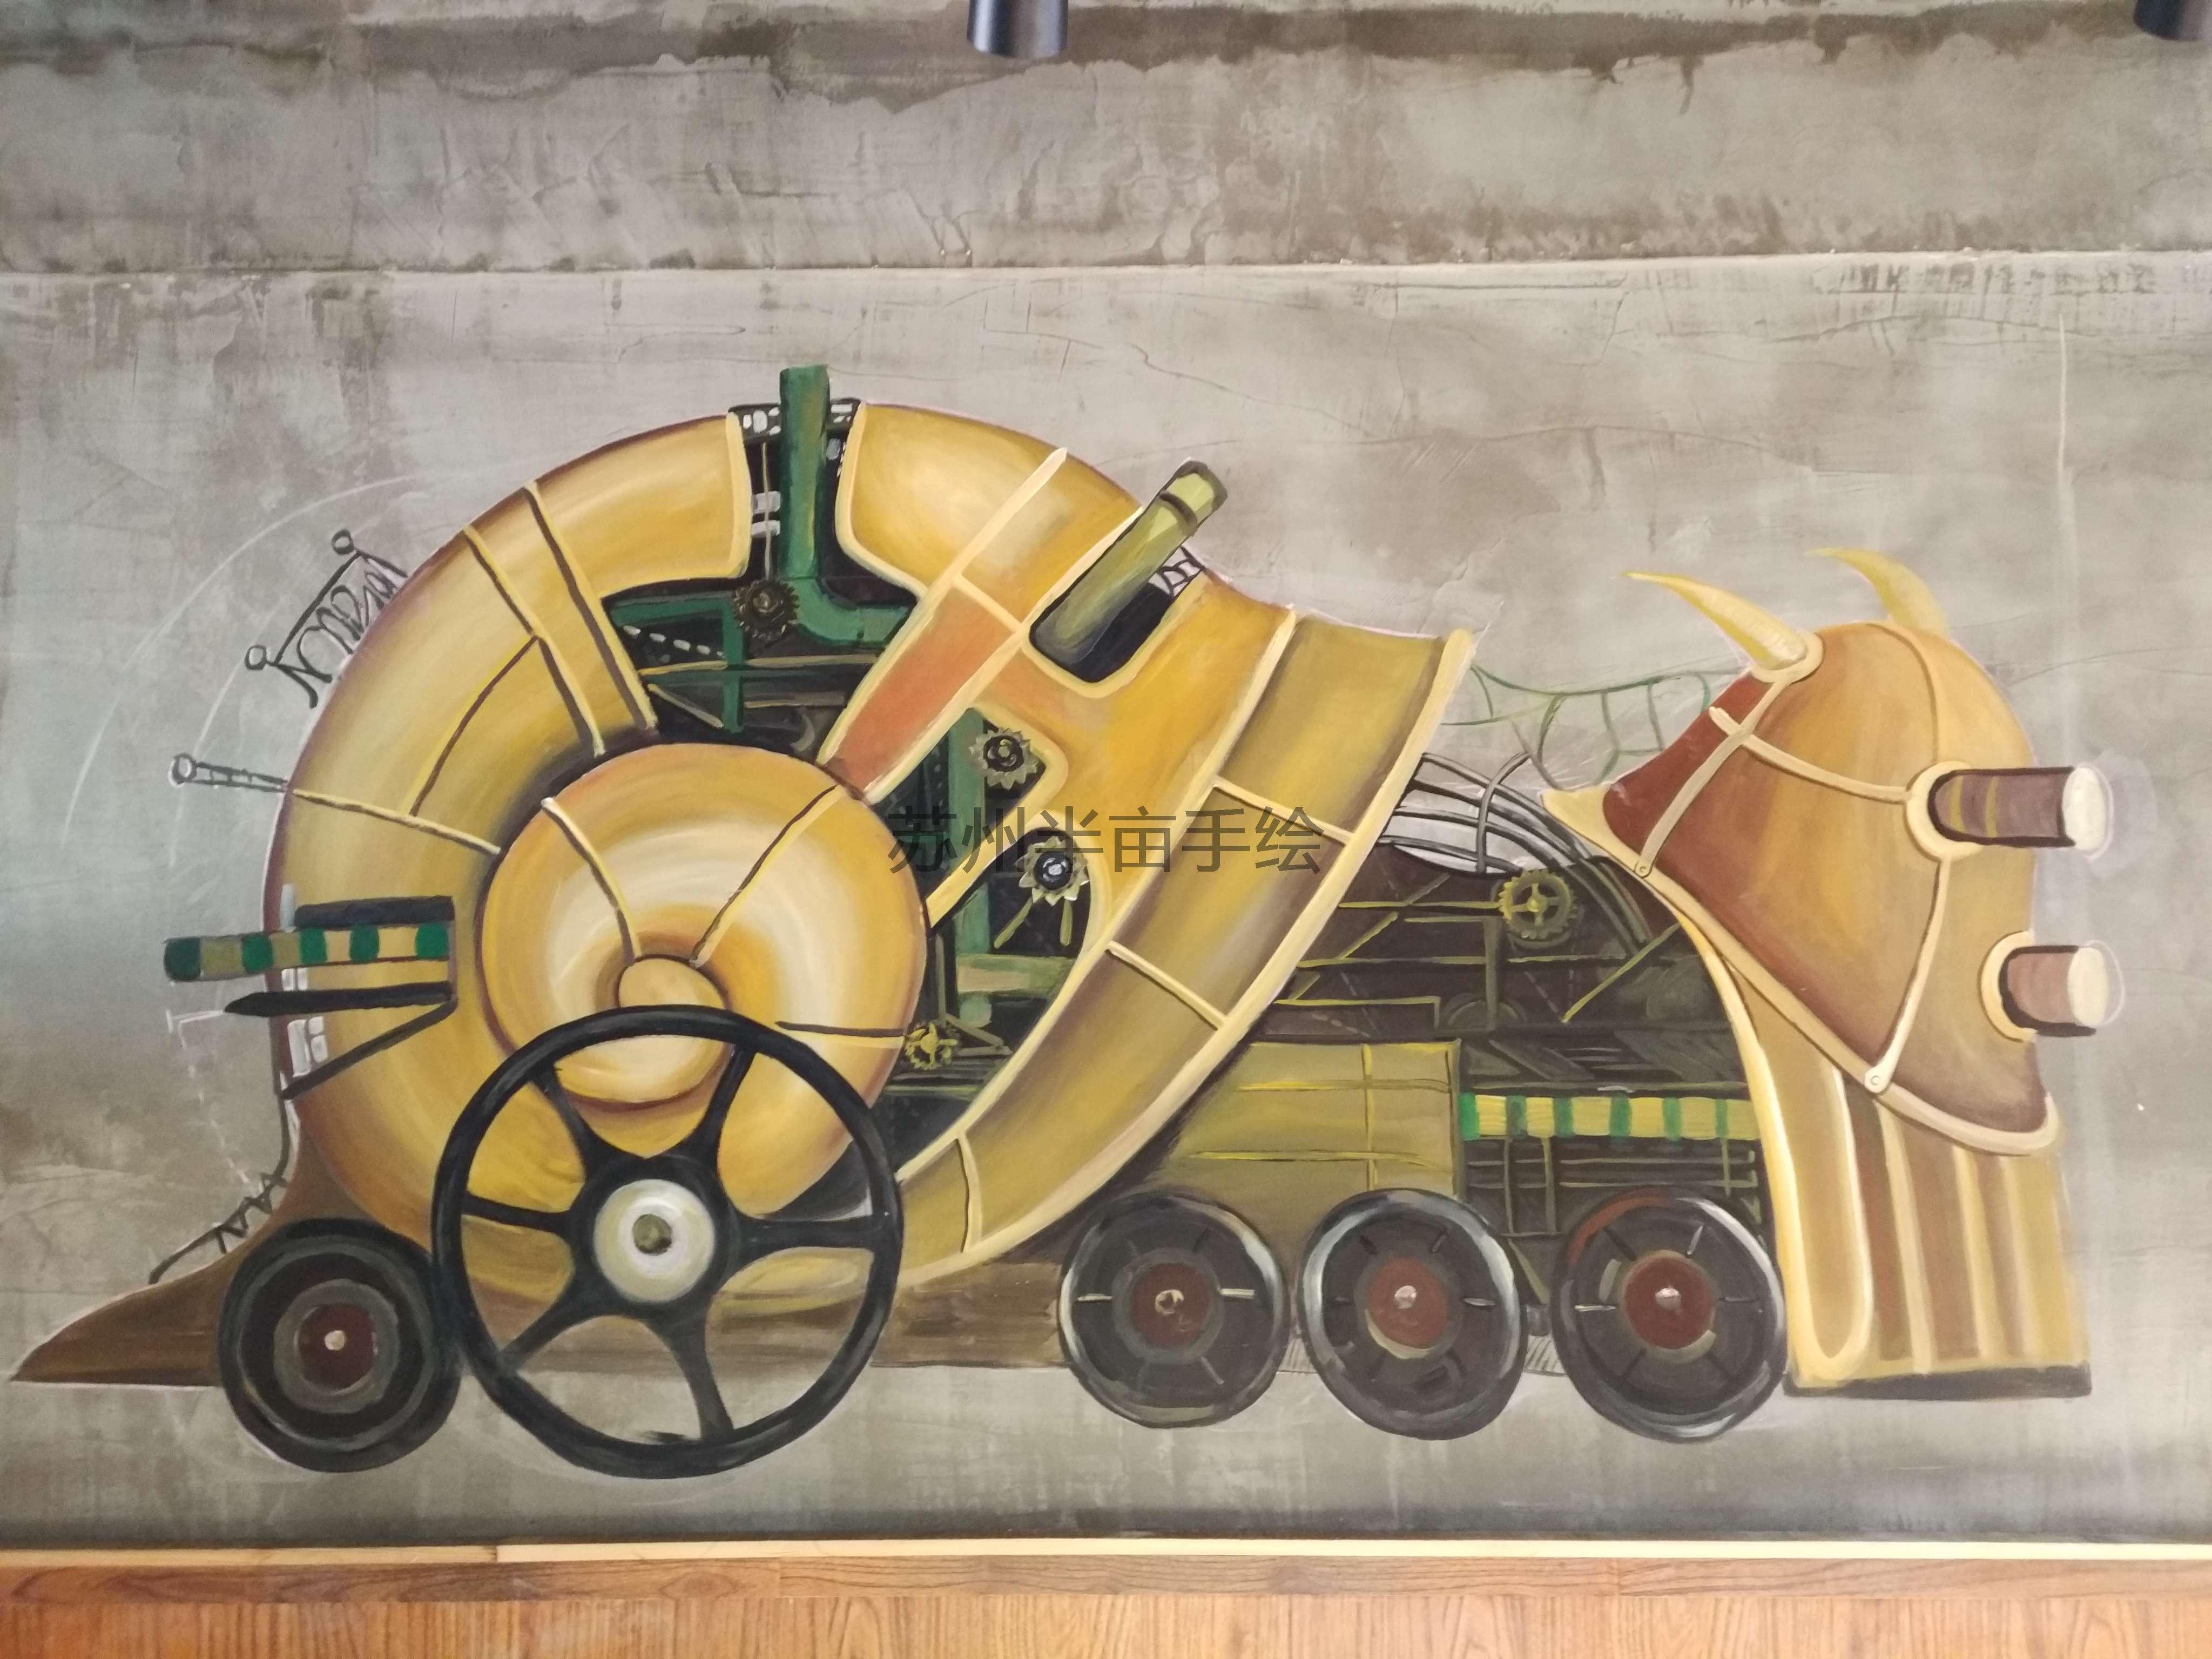 墙绘江苏手绘墙,工业风手绘 - 苏州半亩(红枫叶)墙绘